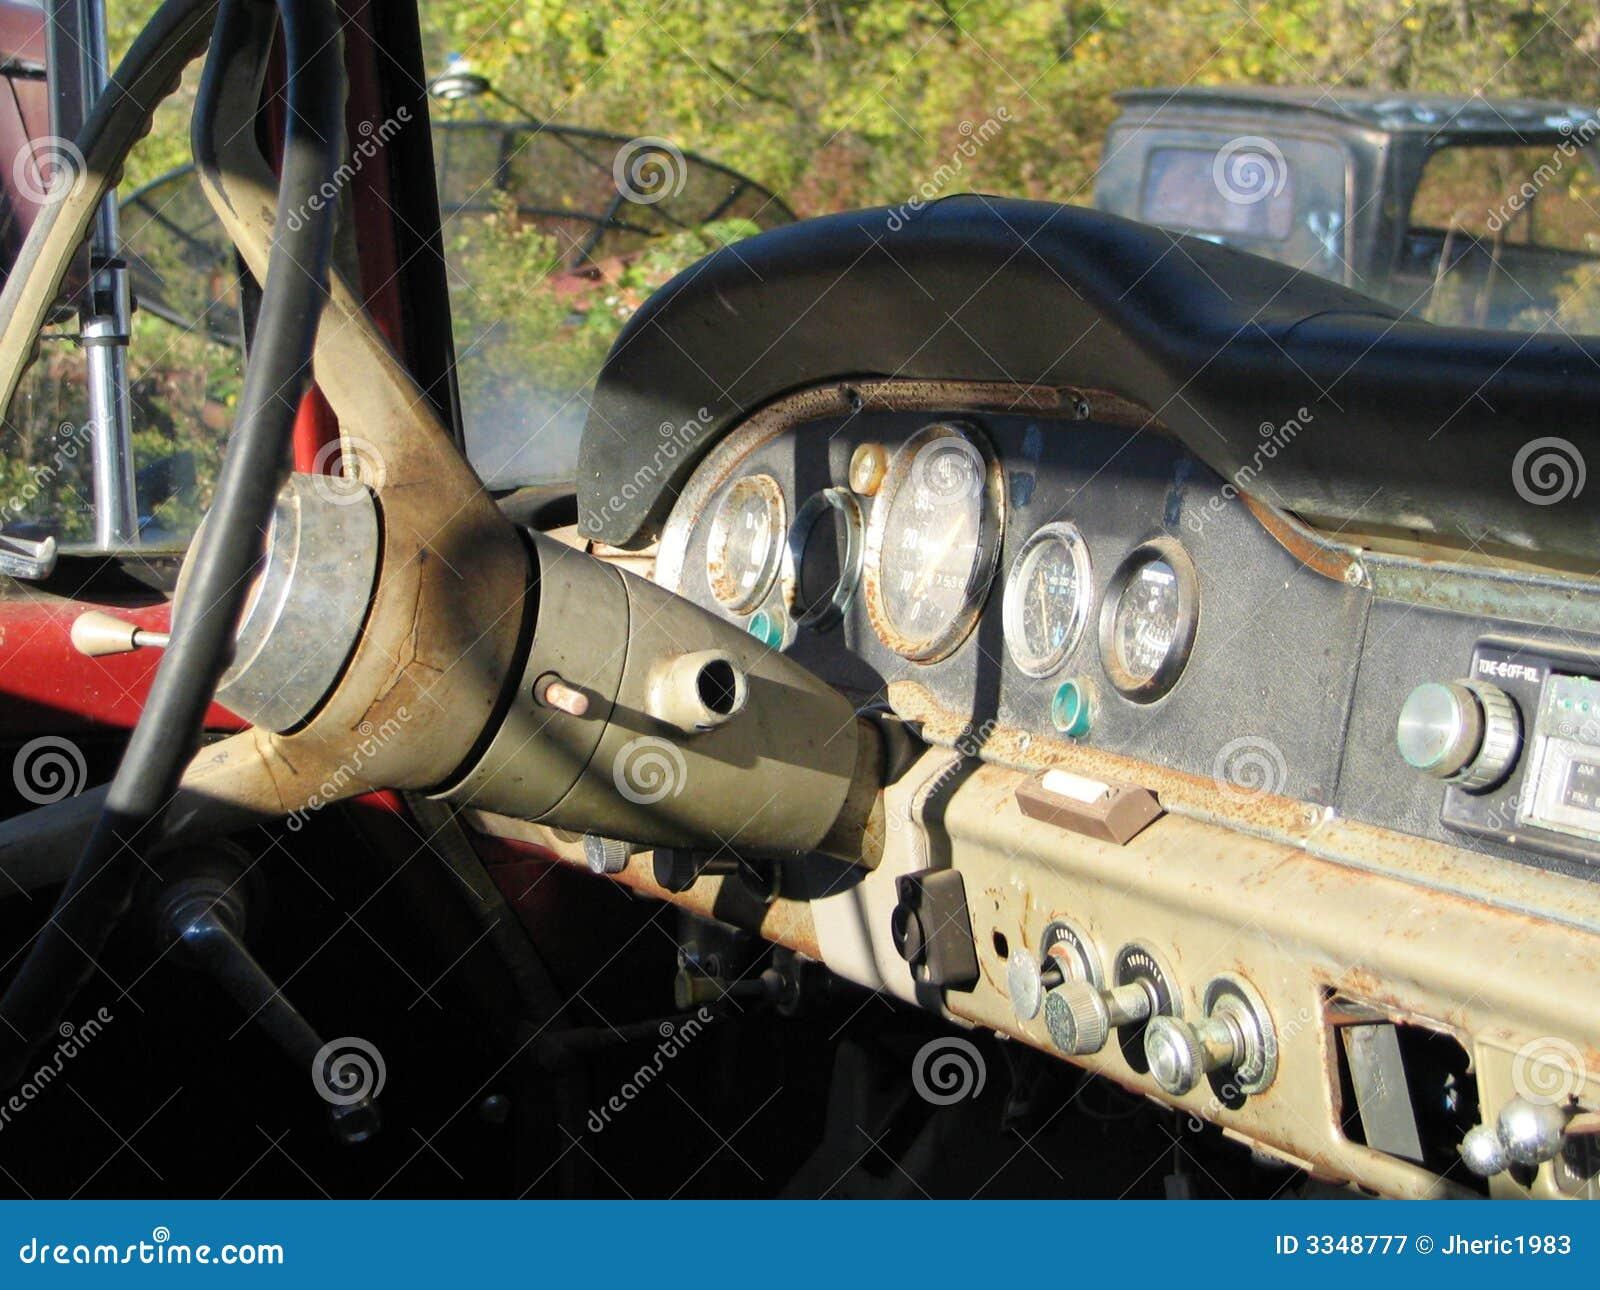 Old Truck Dashboard